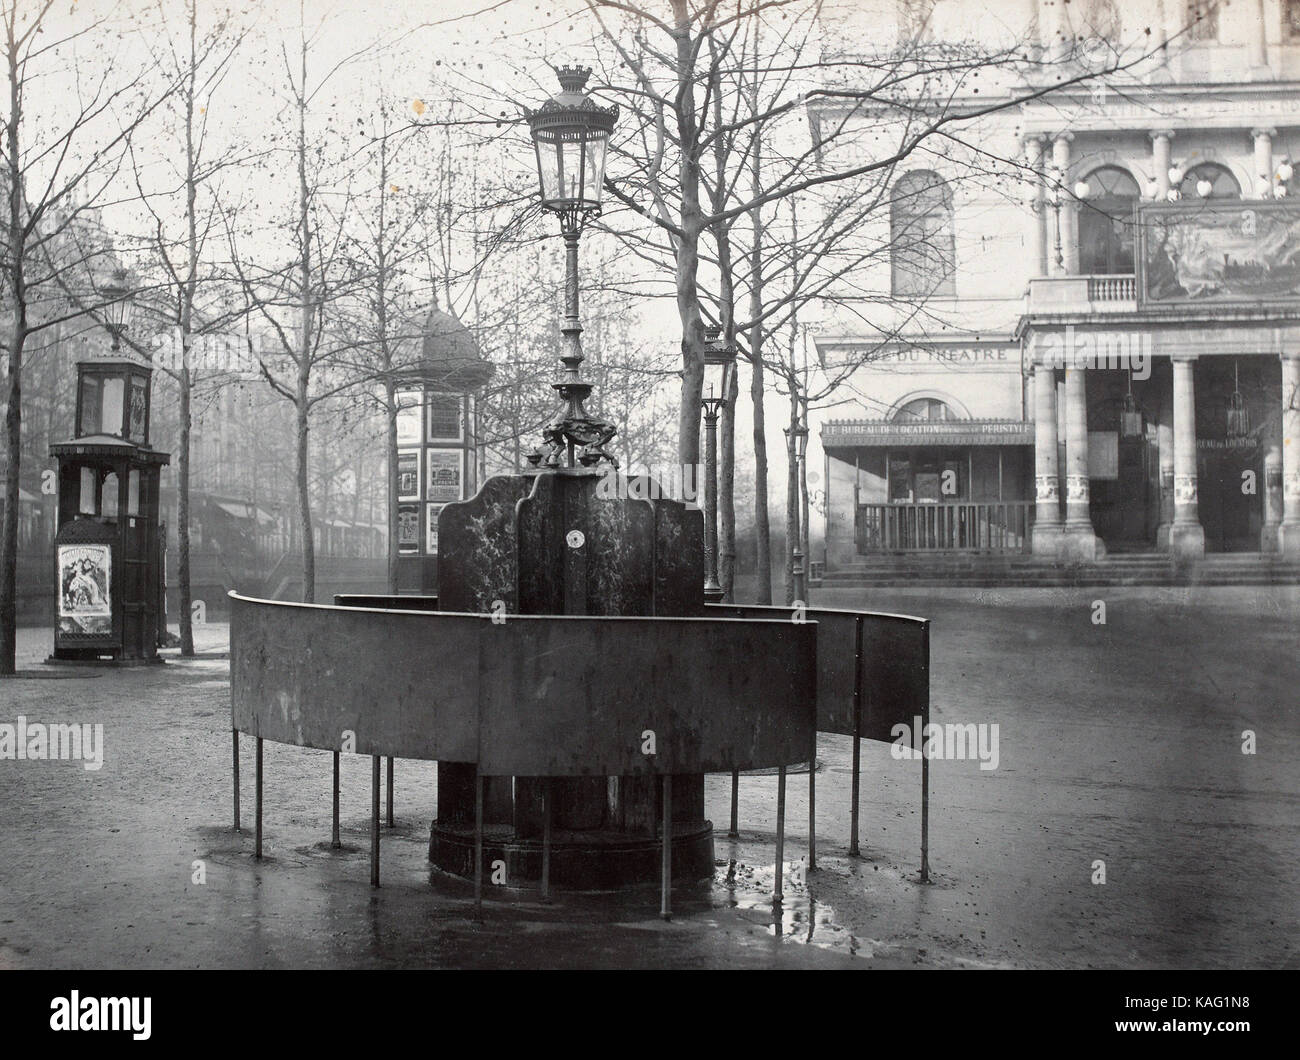 Charles Marville  - Urinoir système Jennings. Plateau de l'Ambigu. Paris Xe. Circa 1875 - Stock Image